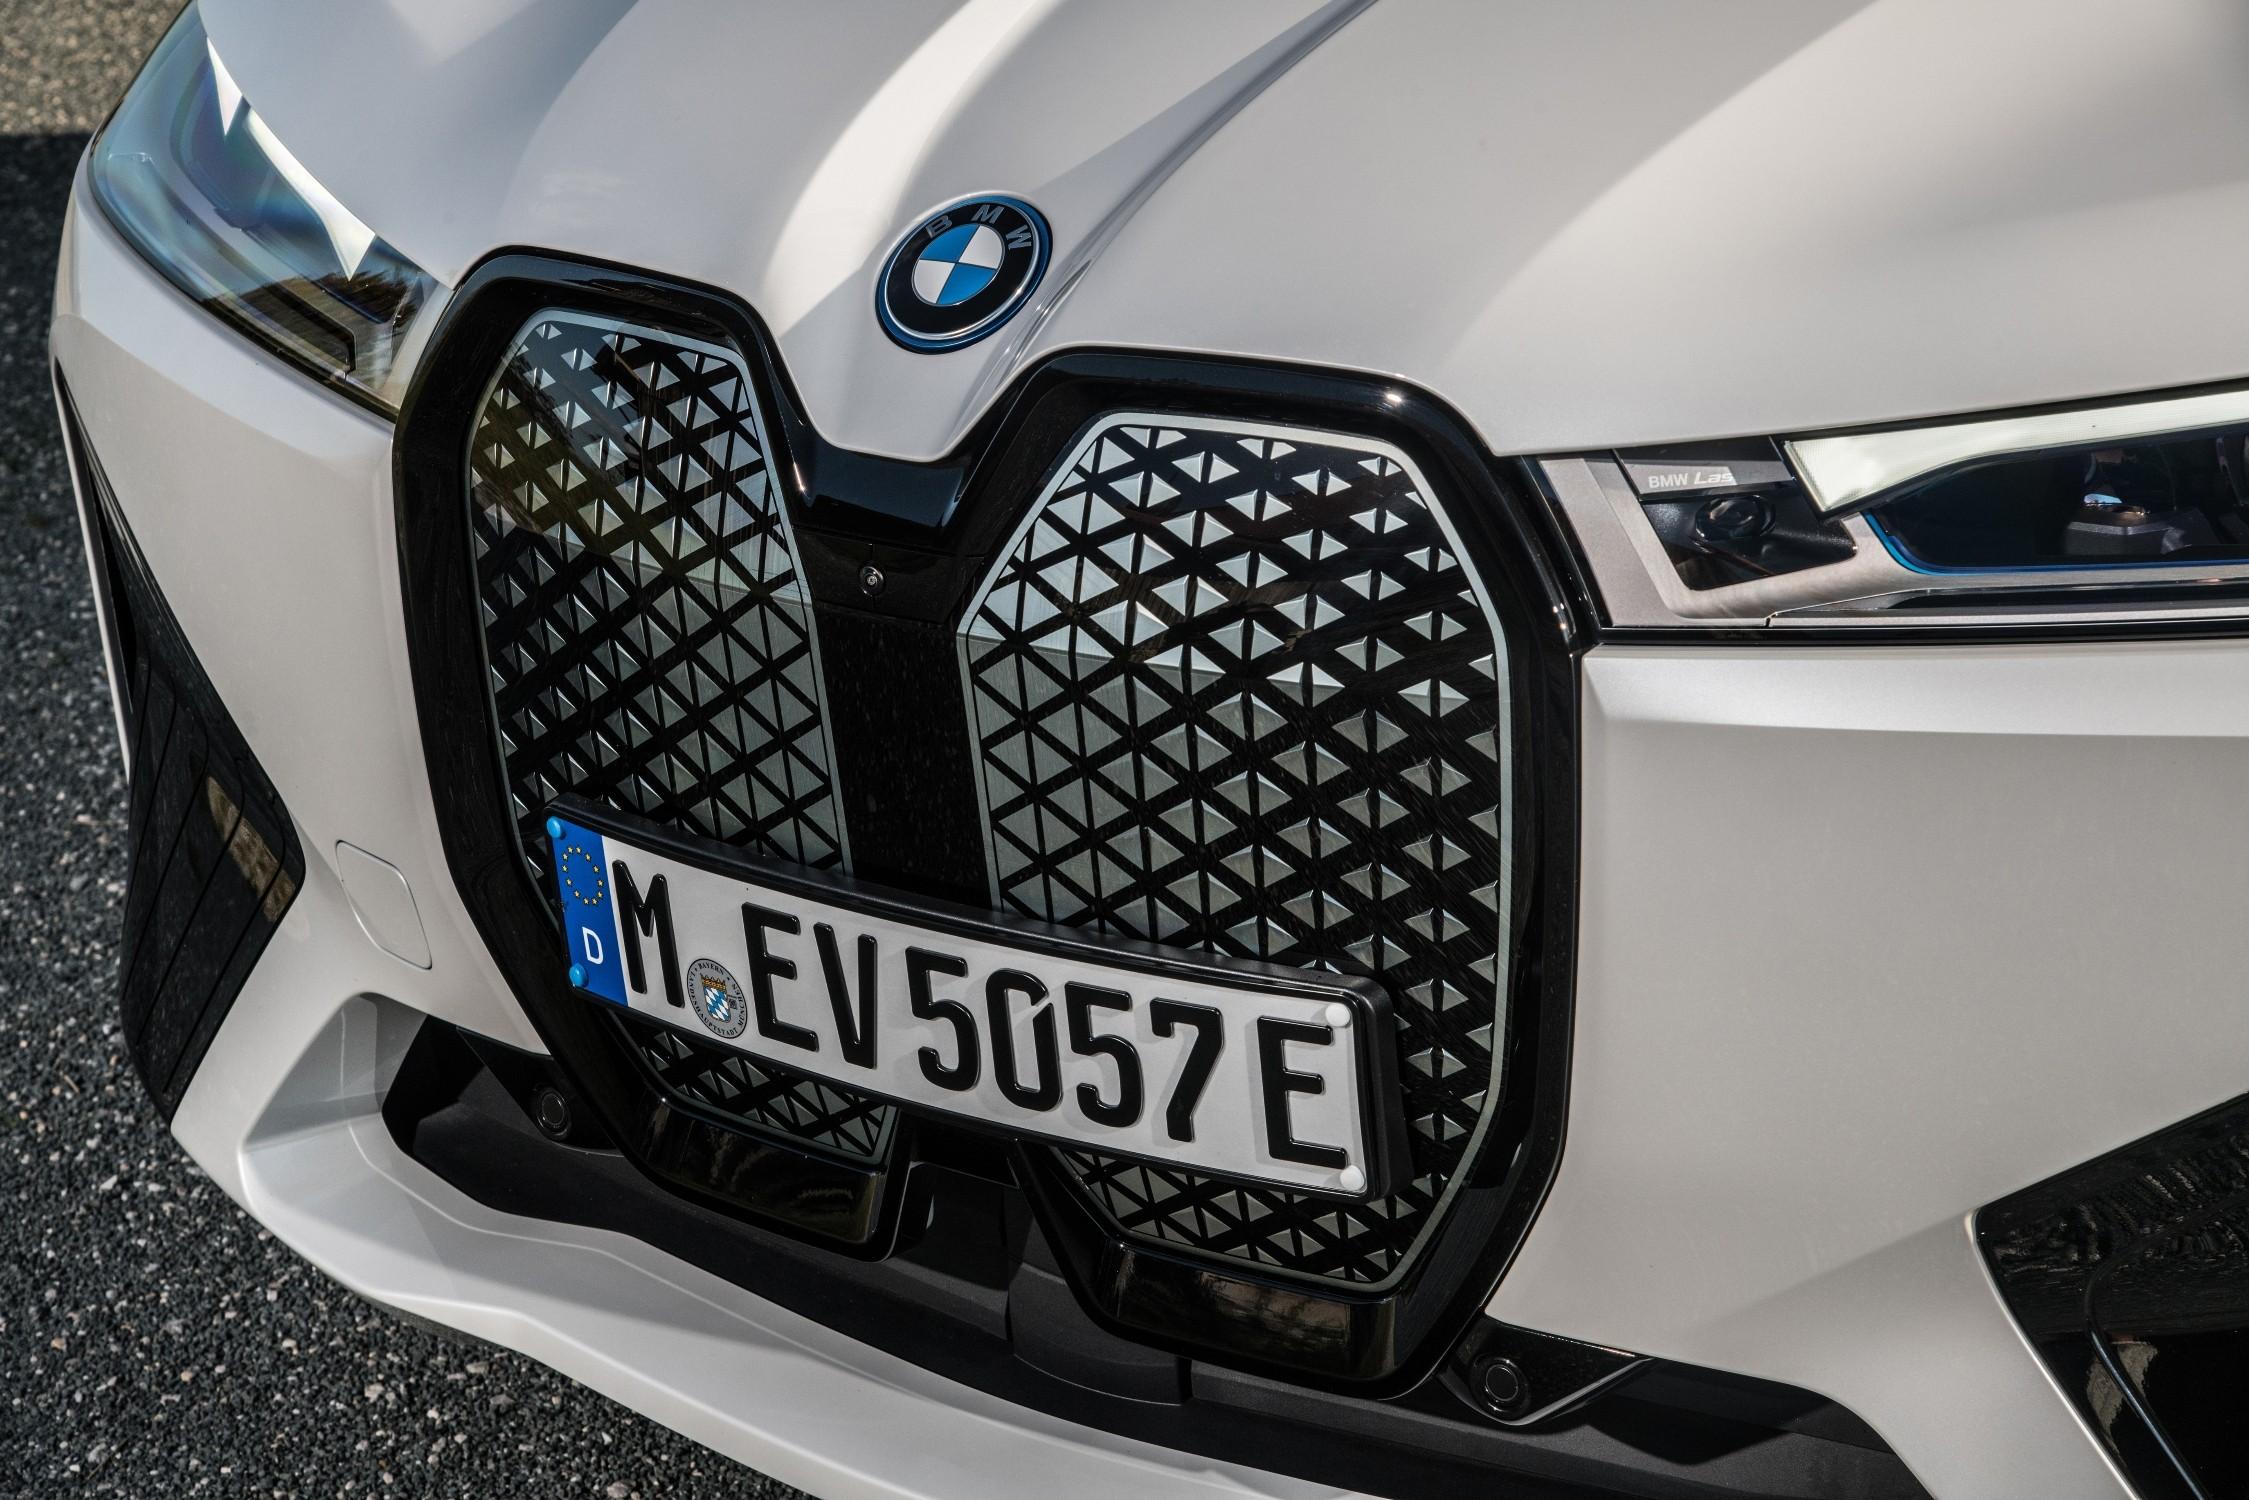 BMW iX, come (ri)cominciare con l'elettrico e indicare il futuro